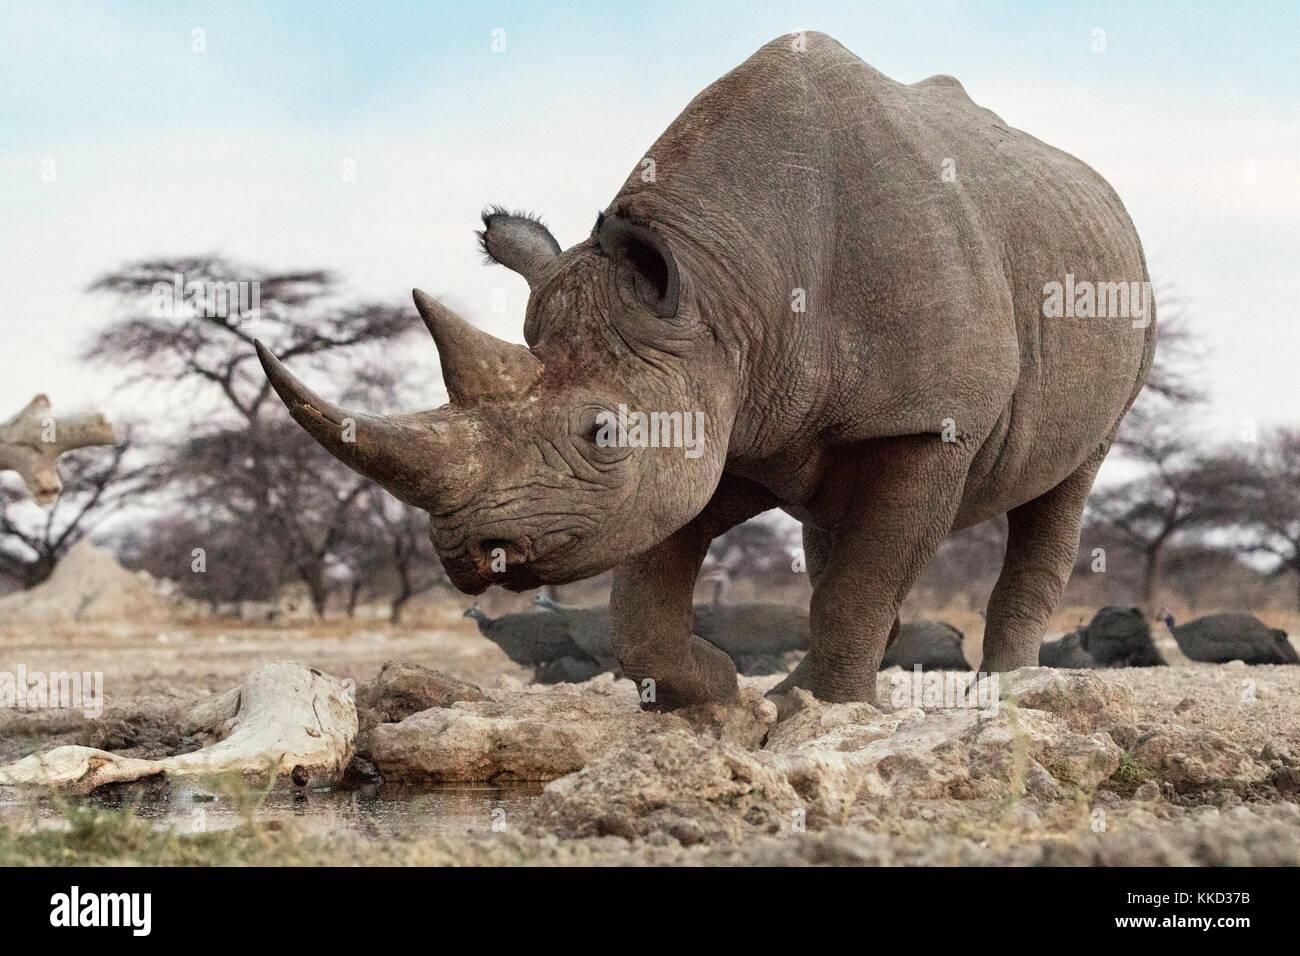 Le rhinocéros noir (Diceros bicornis) - côté est du parc national d'Etosha, Namibie, Afrique Photo Stock